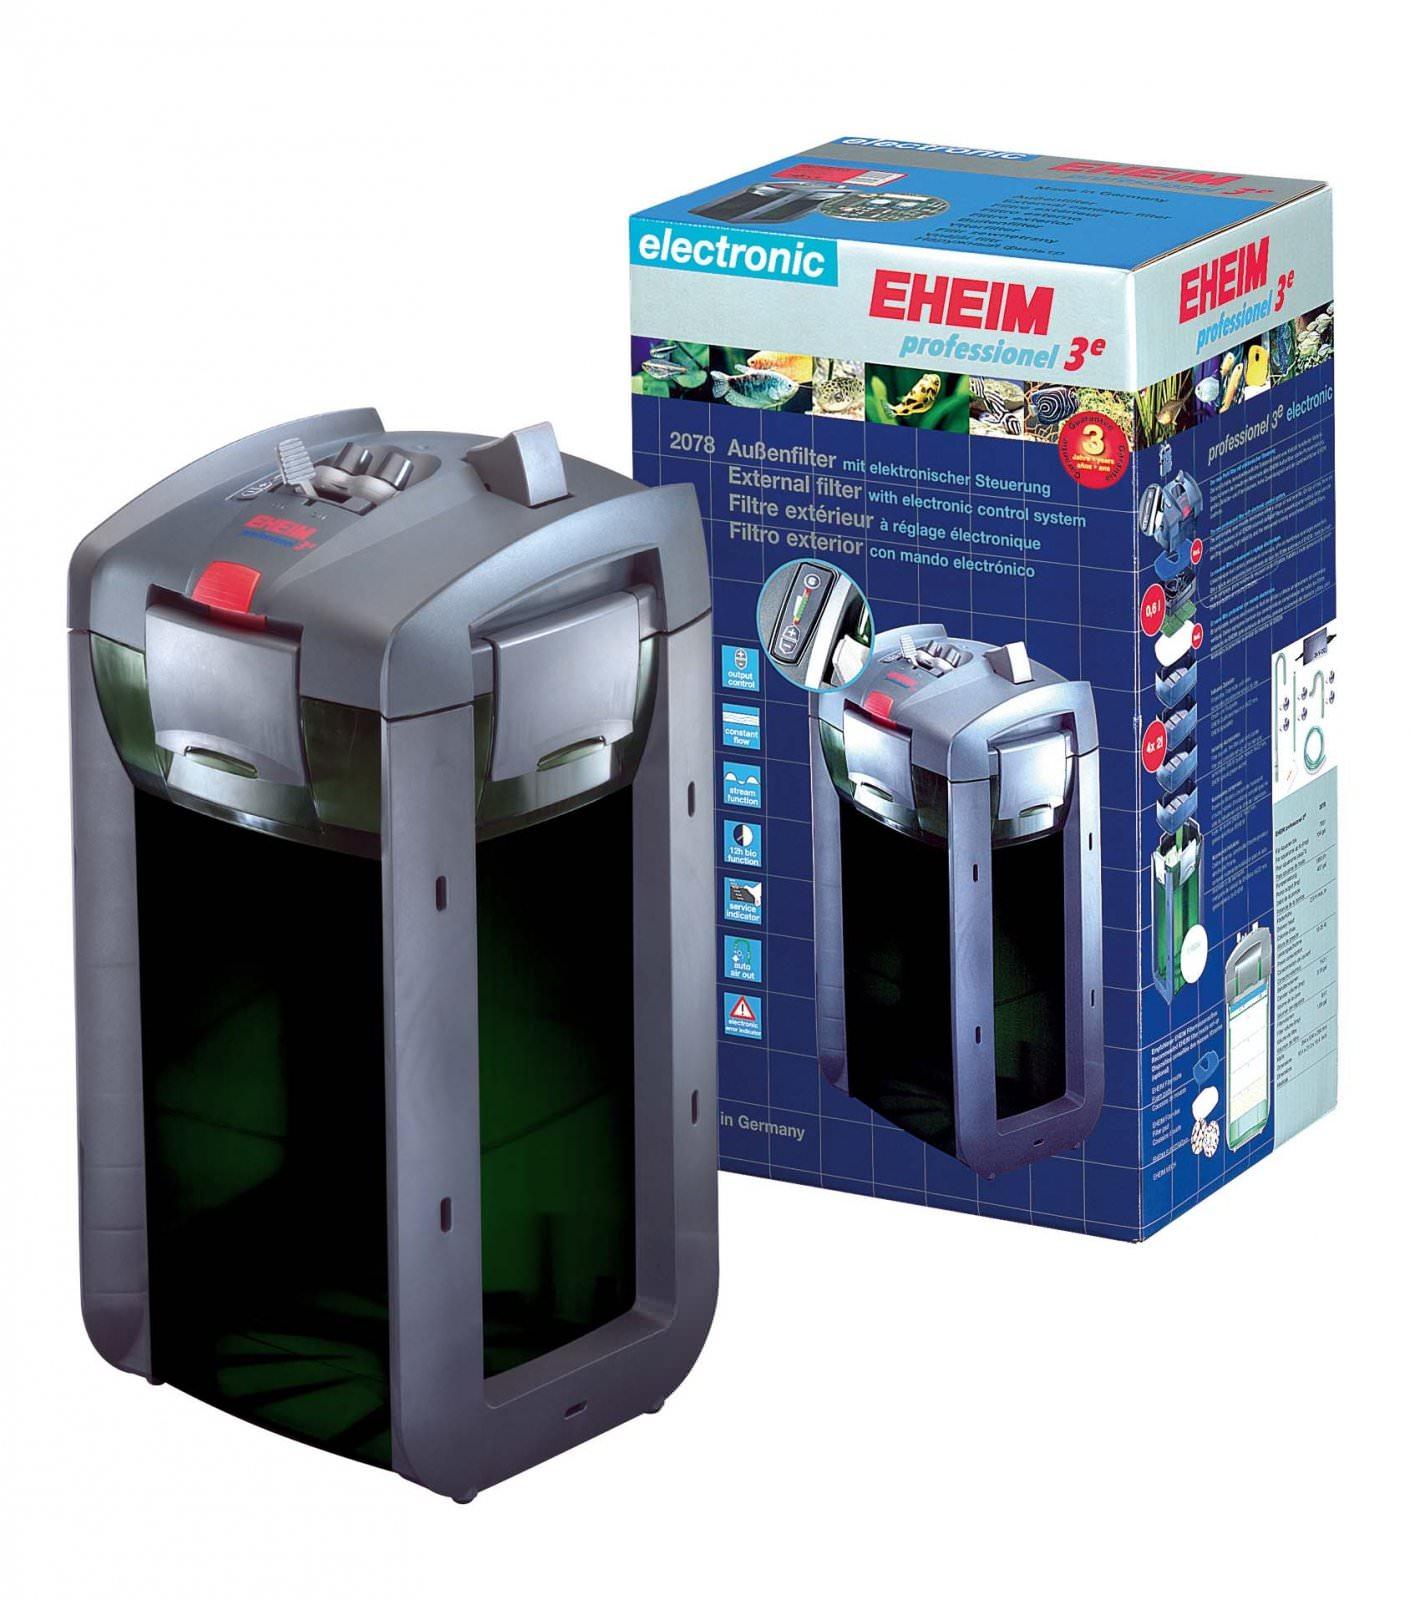 EHEIM 2078 Professionel 3e 700 filtre externe électronique pour aquarium jusqu\'à 700L sans masses filtrantes